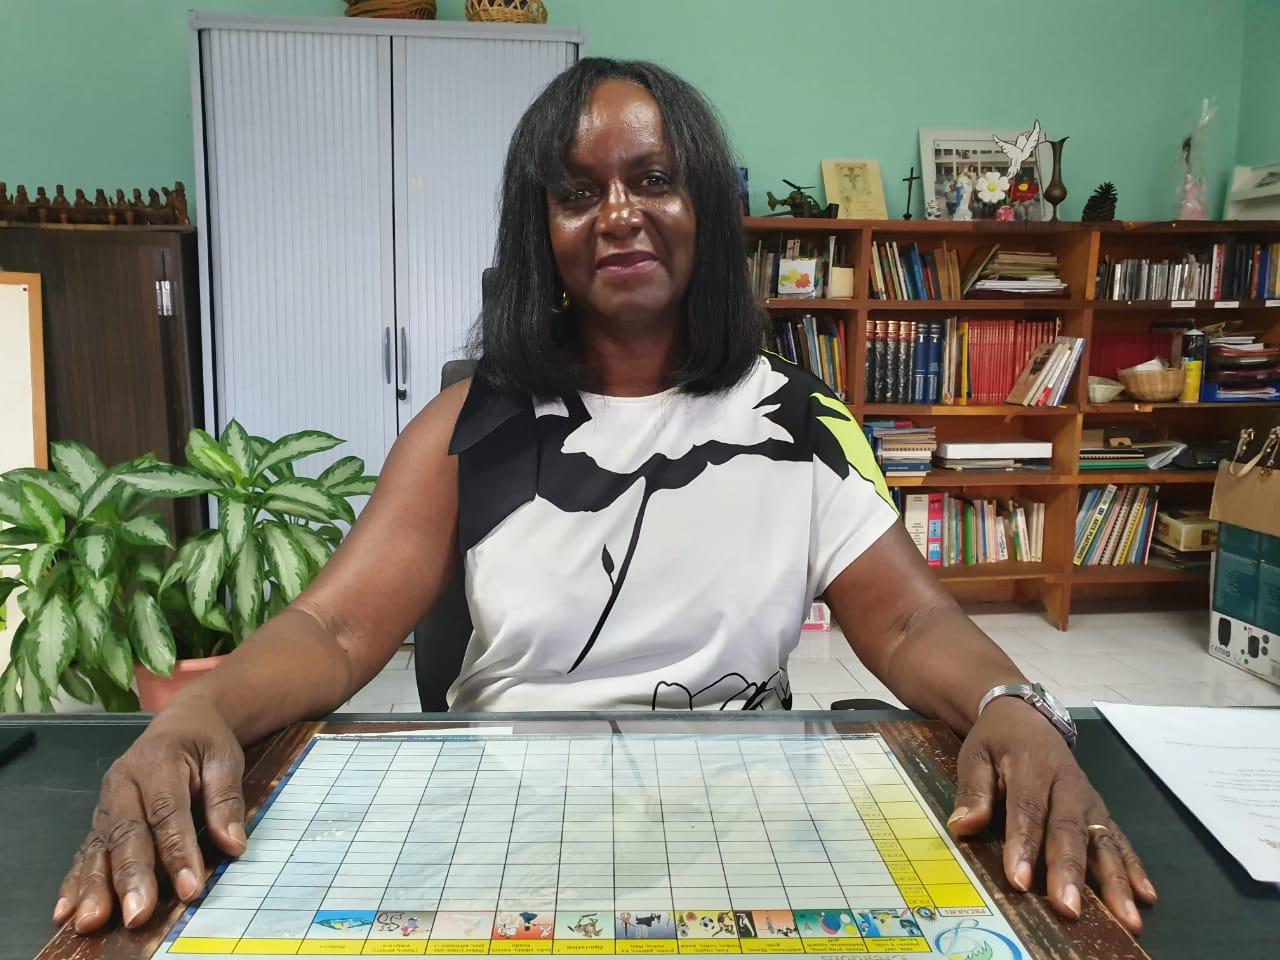 Dernier jour d'école : témoignage d'une directrice qui prend sa retraite